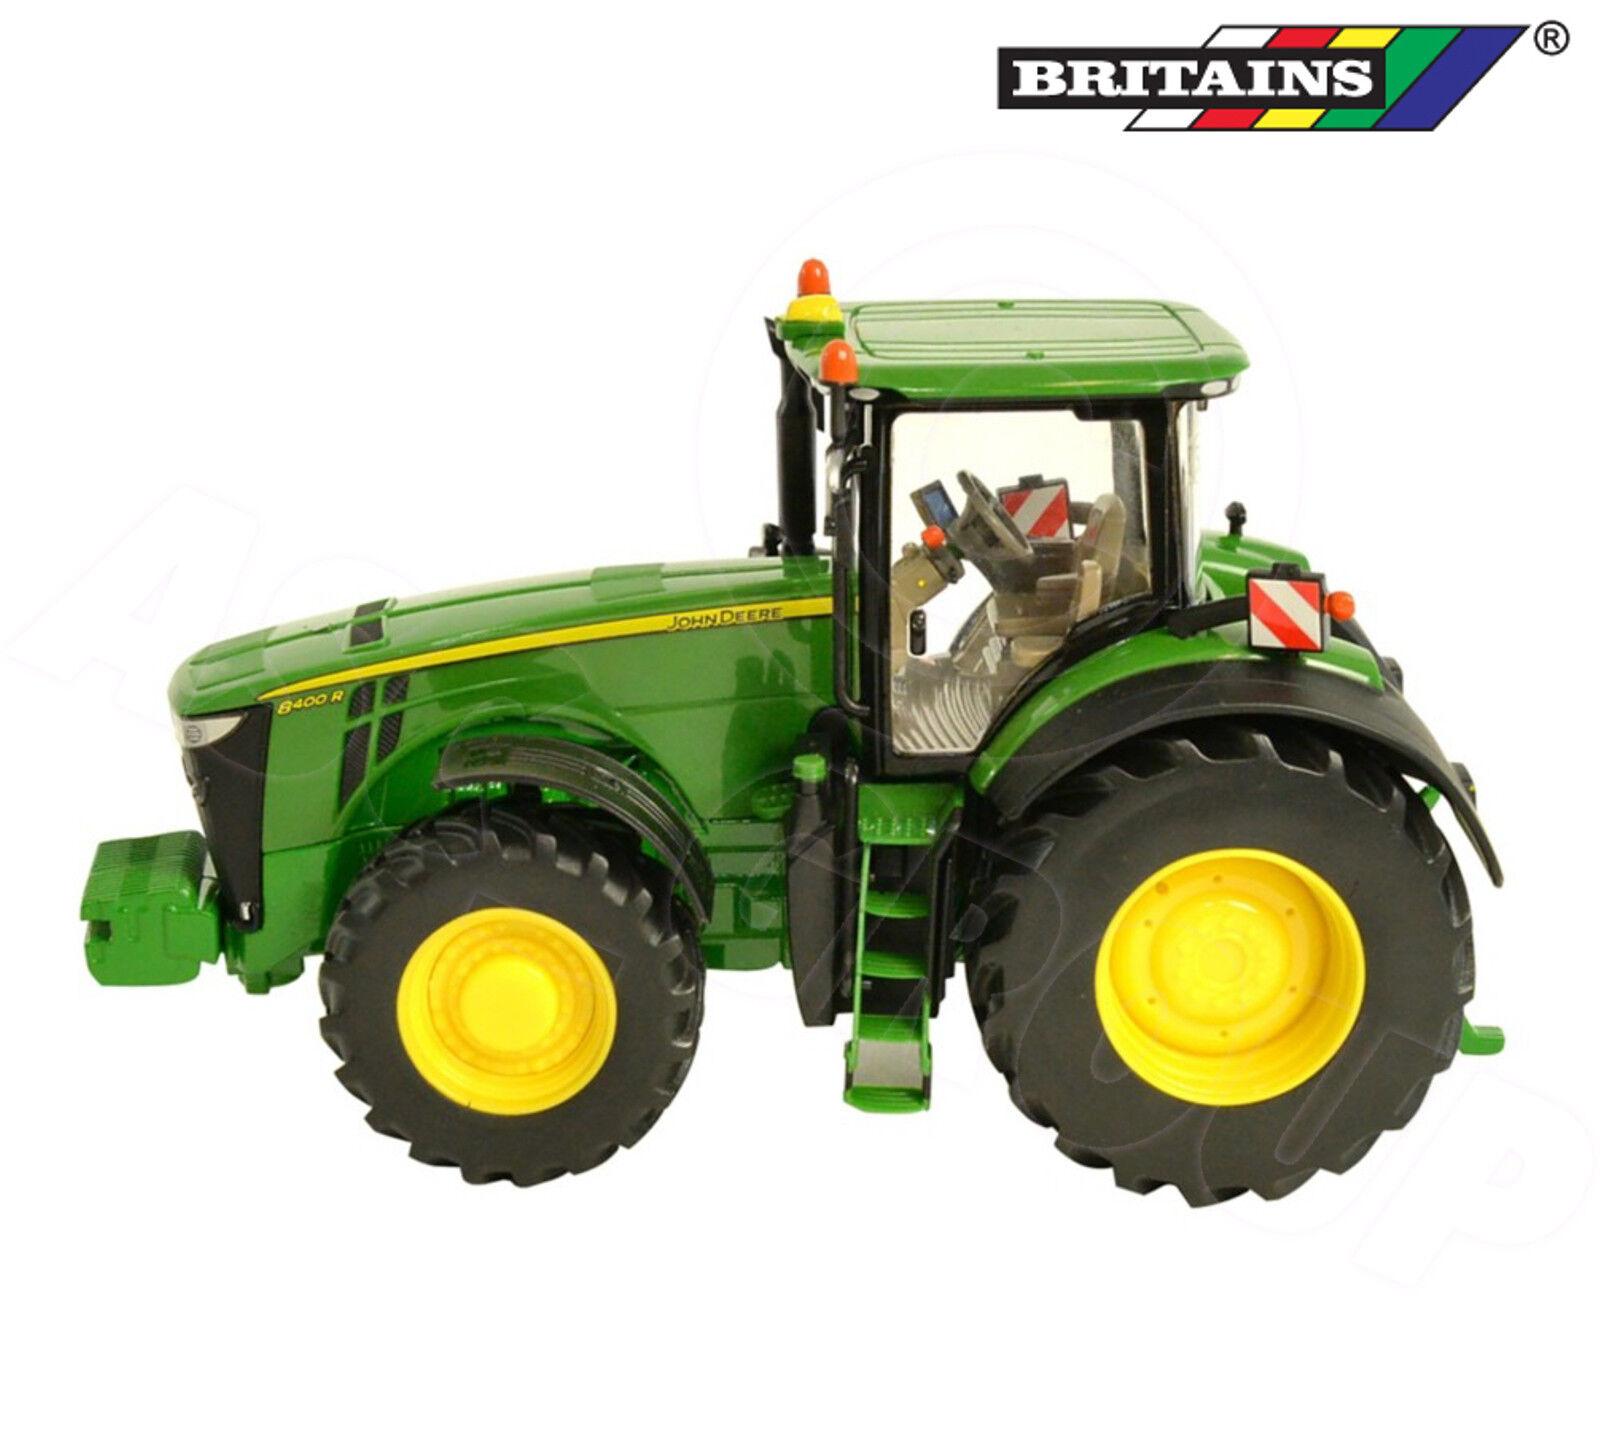 Britains 43174 - John Deere 8400R Tractor - Detailed Die-Cast Model Toy - 1 32